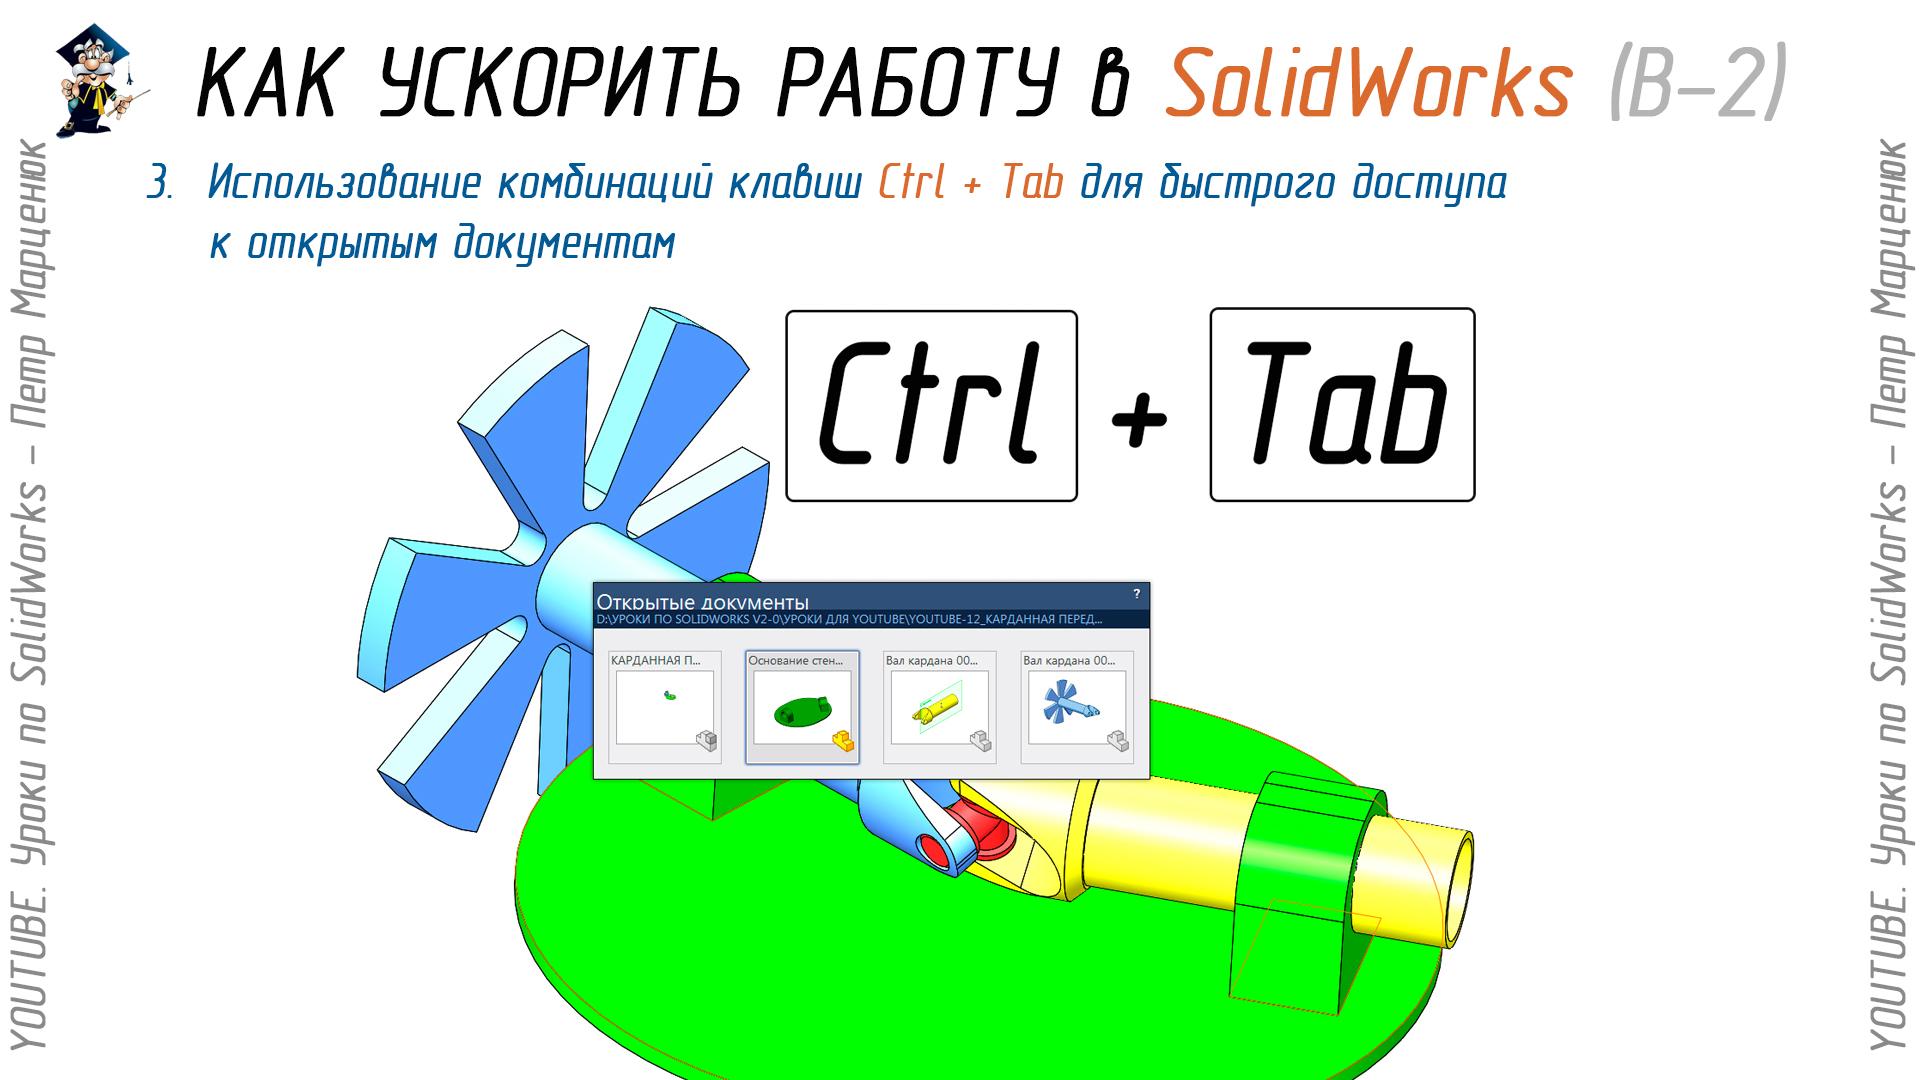 Использование комбинаций клавиш Ctrl + Tab